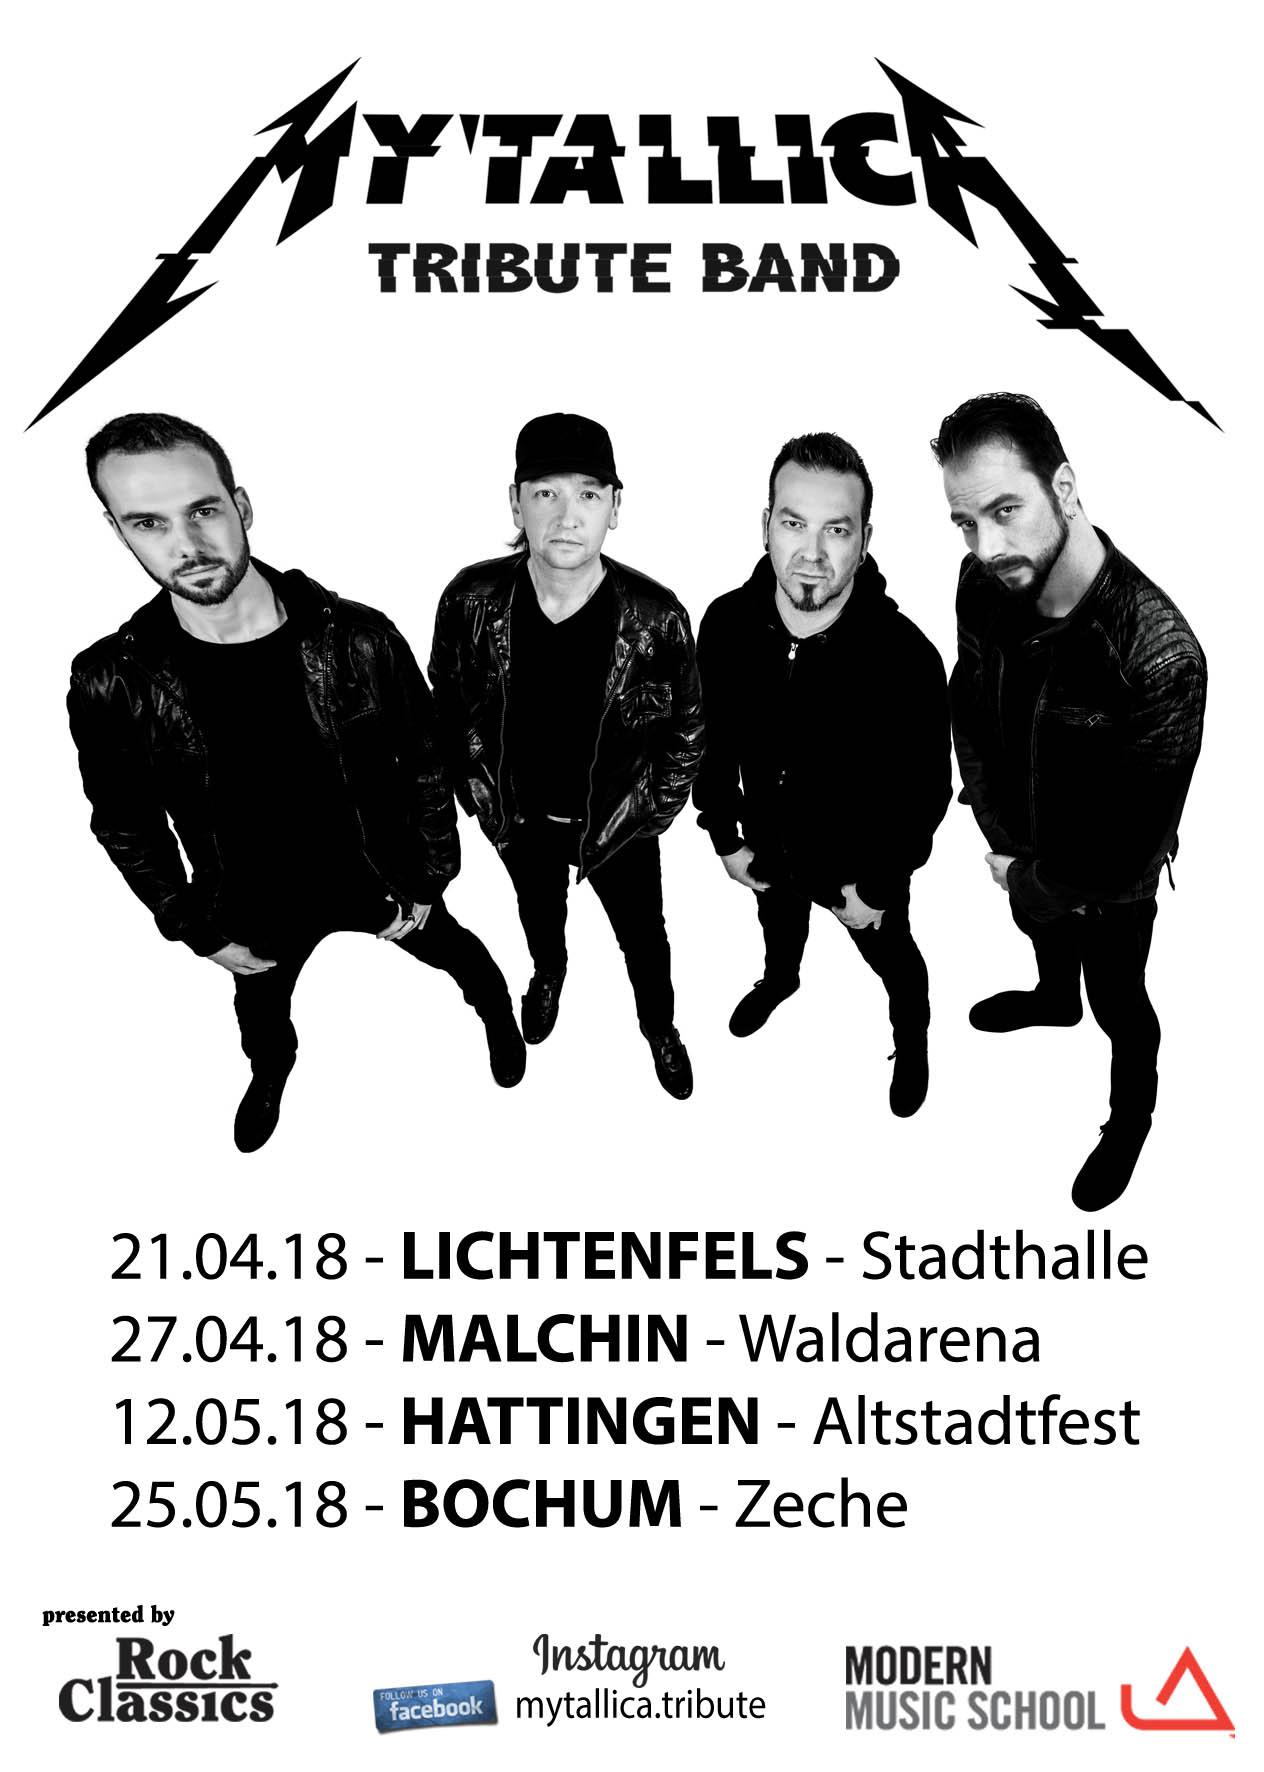 Metallica-Tribute-Band-MYTALLICA-2018-Deutschland-Flyer-Frühjahr-Spring-2018-Shows